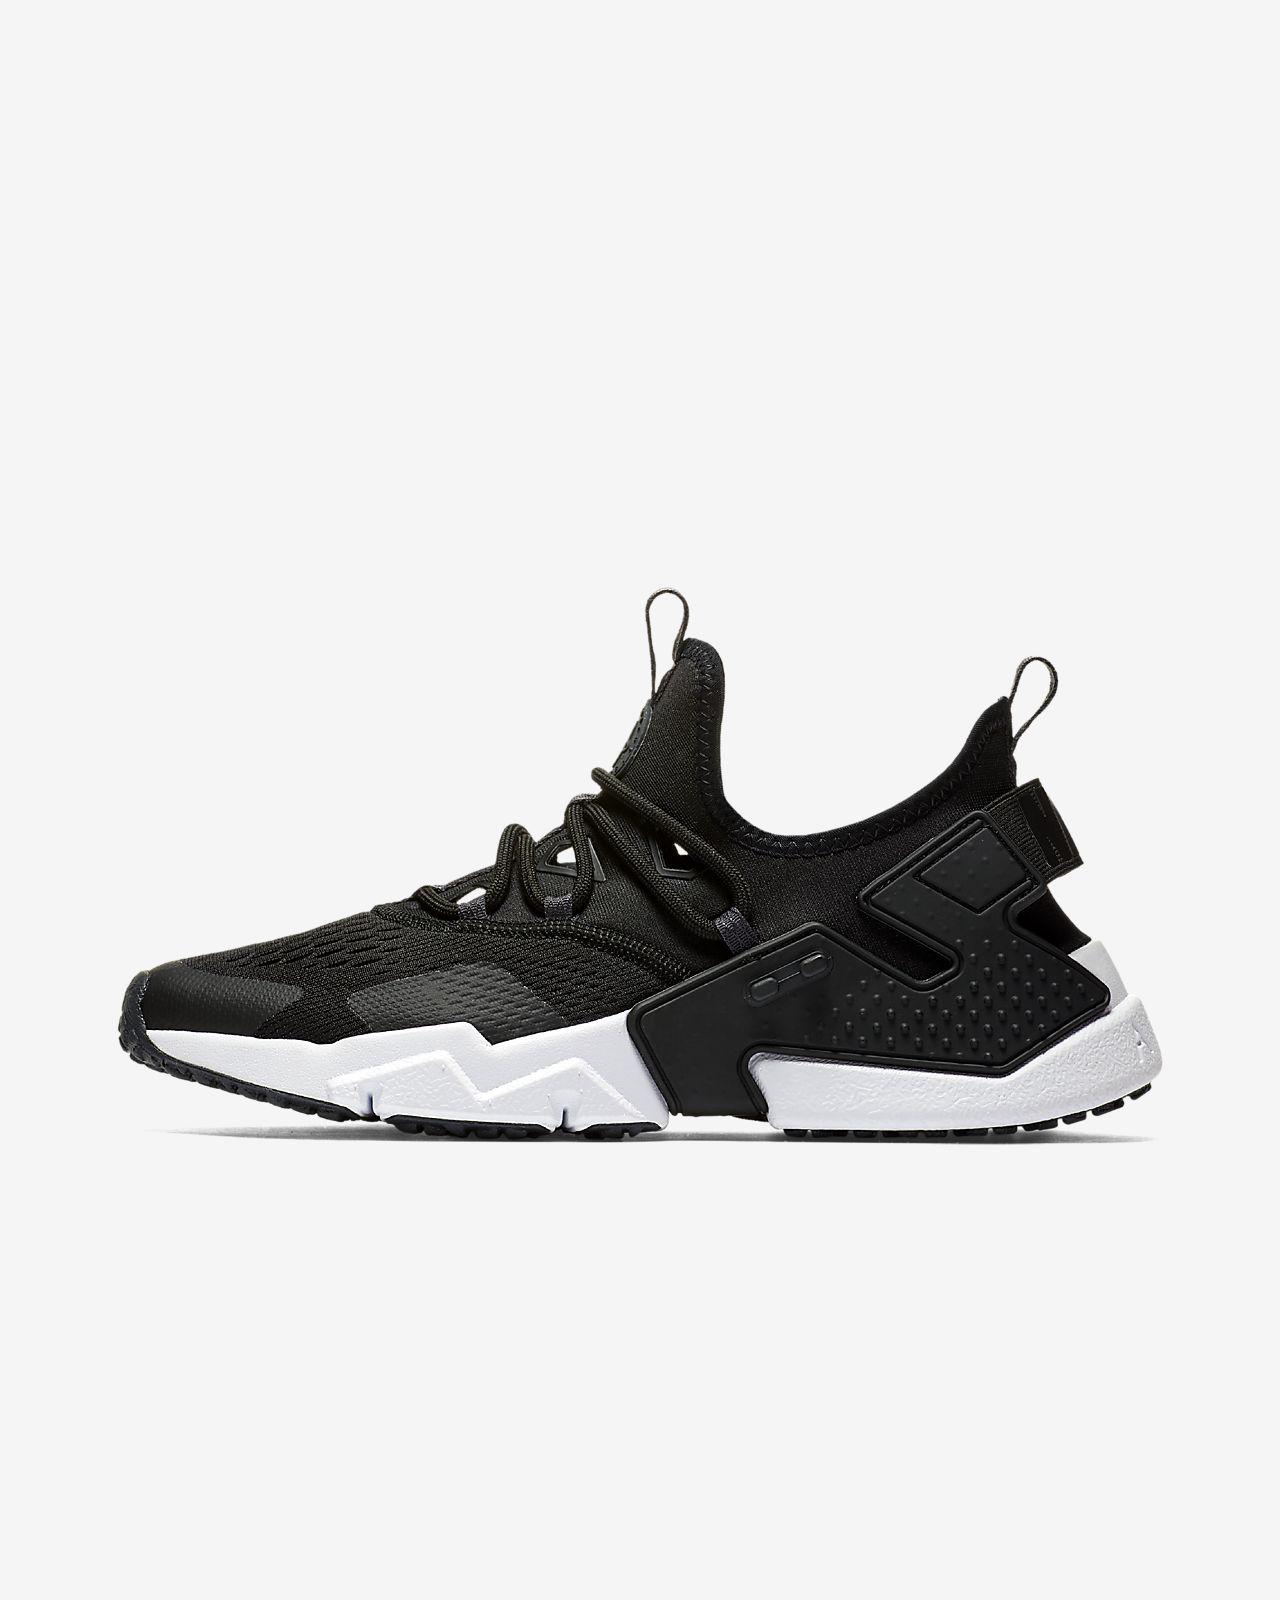 b1346a0590b4 Chaussure Nike Air Huarache Drift Breathe pour Homme ...